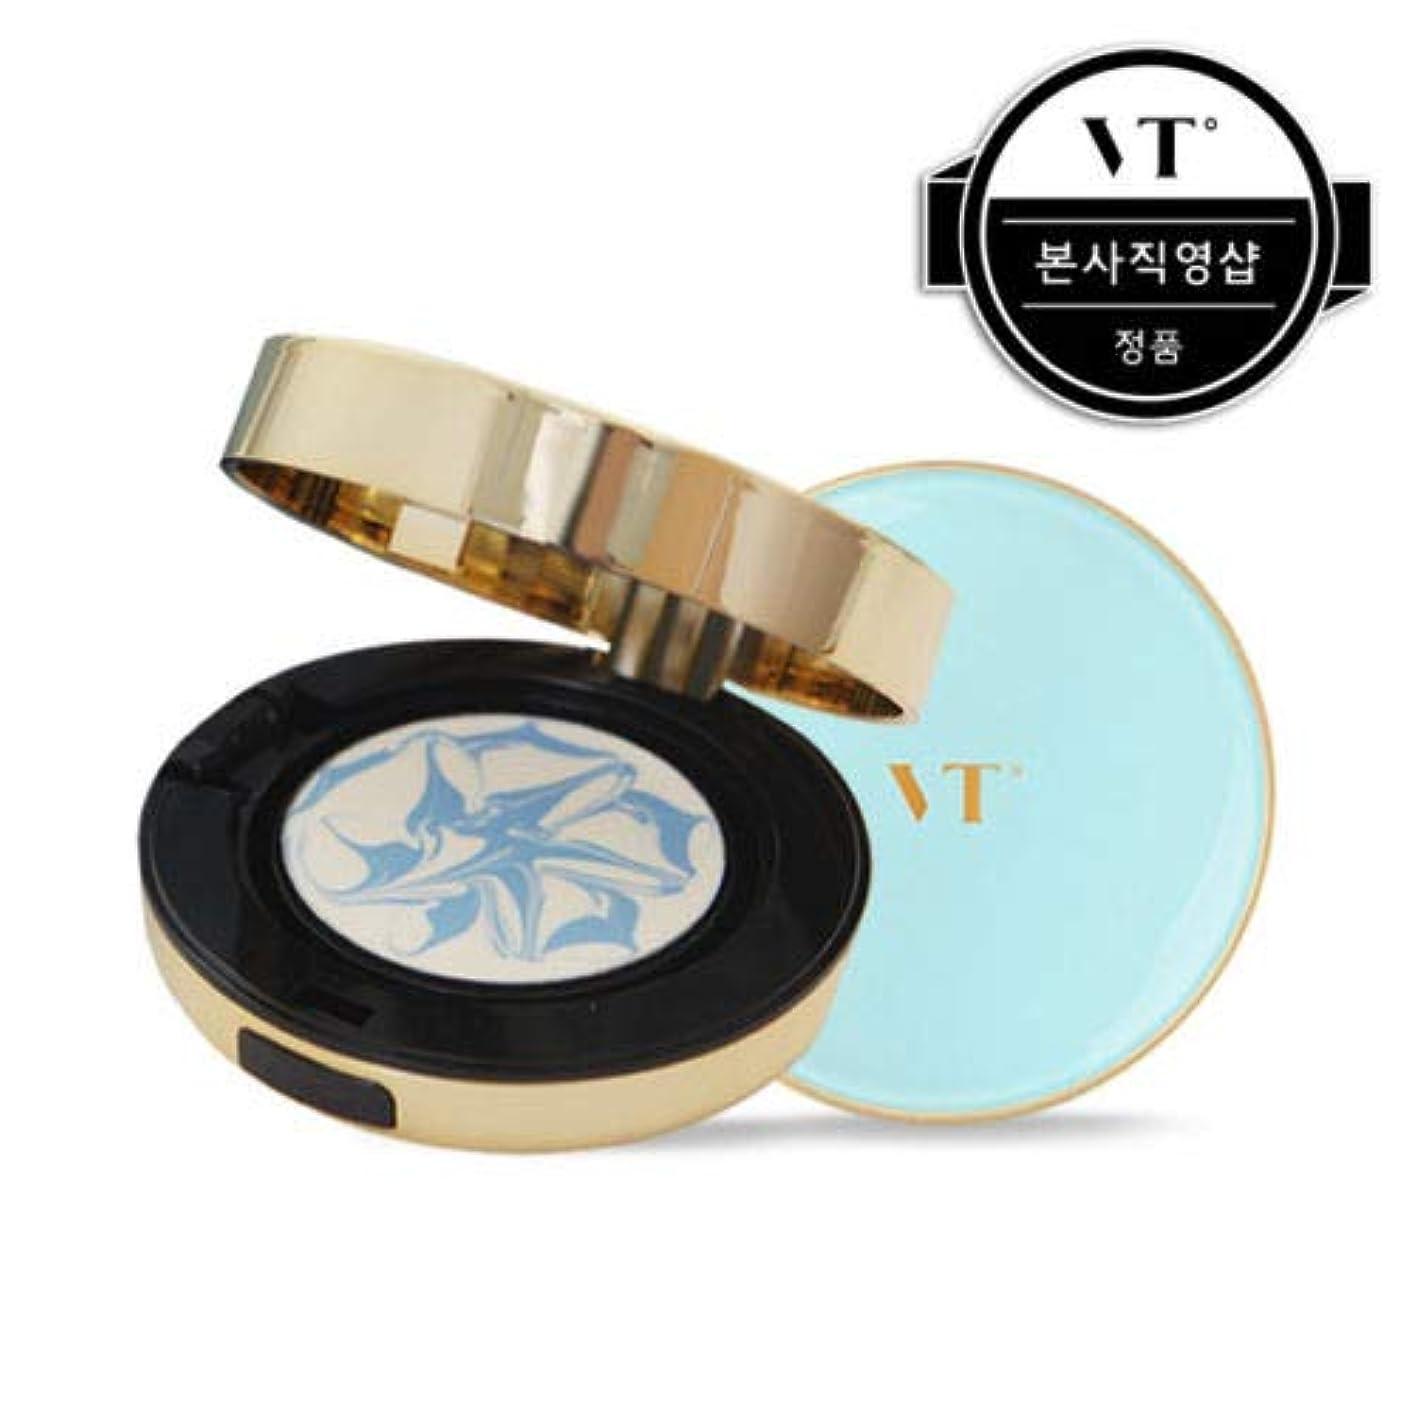 影響影響効果的にVT Cosmetic Essence Sun Pact エッセンス サン パクト 本品11g + リフィール 11g, SPF50+/PA+++